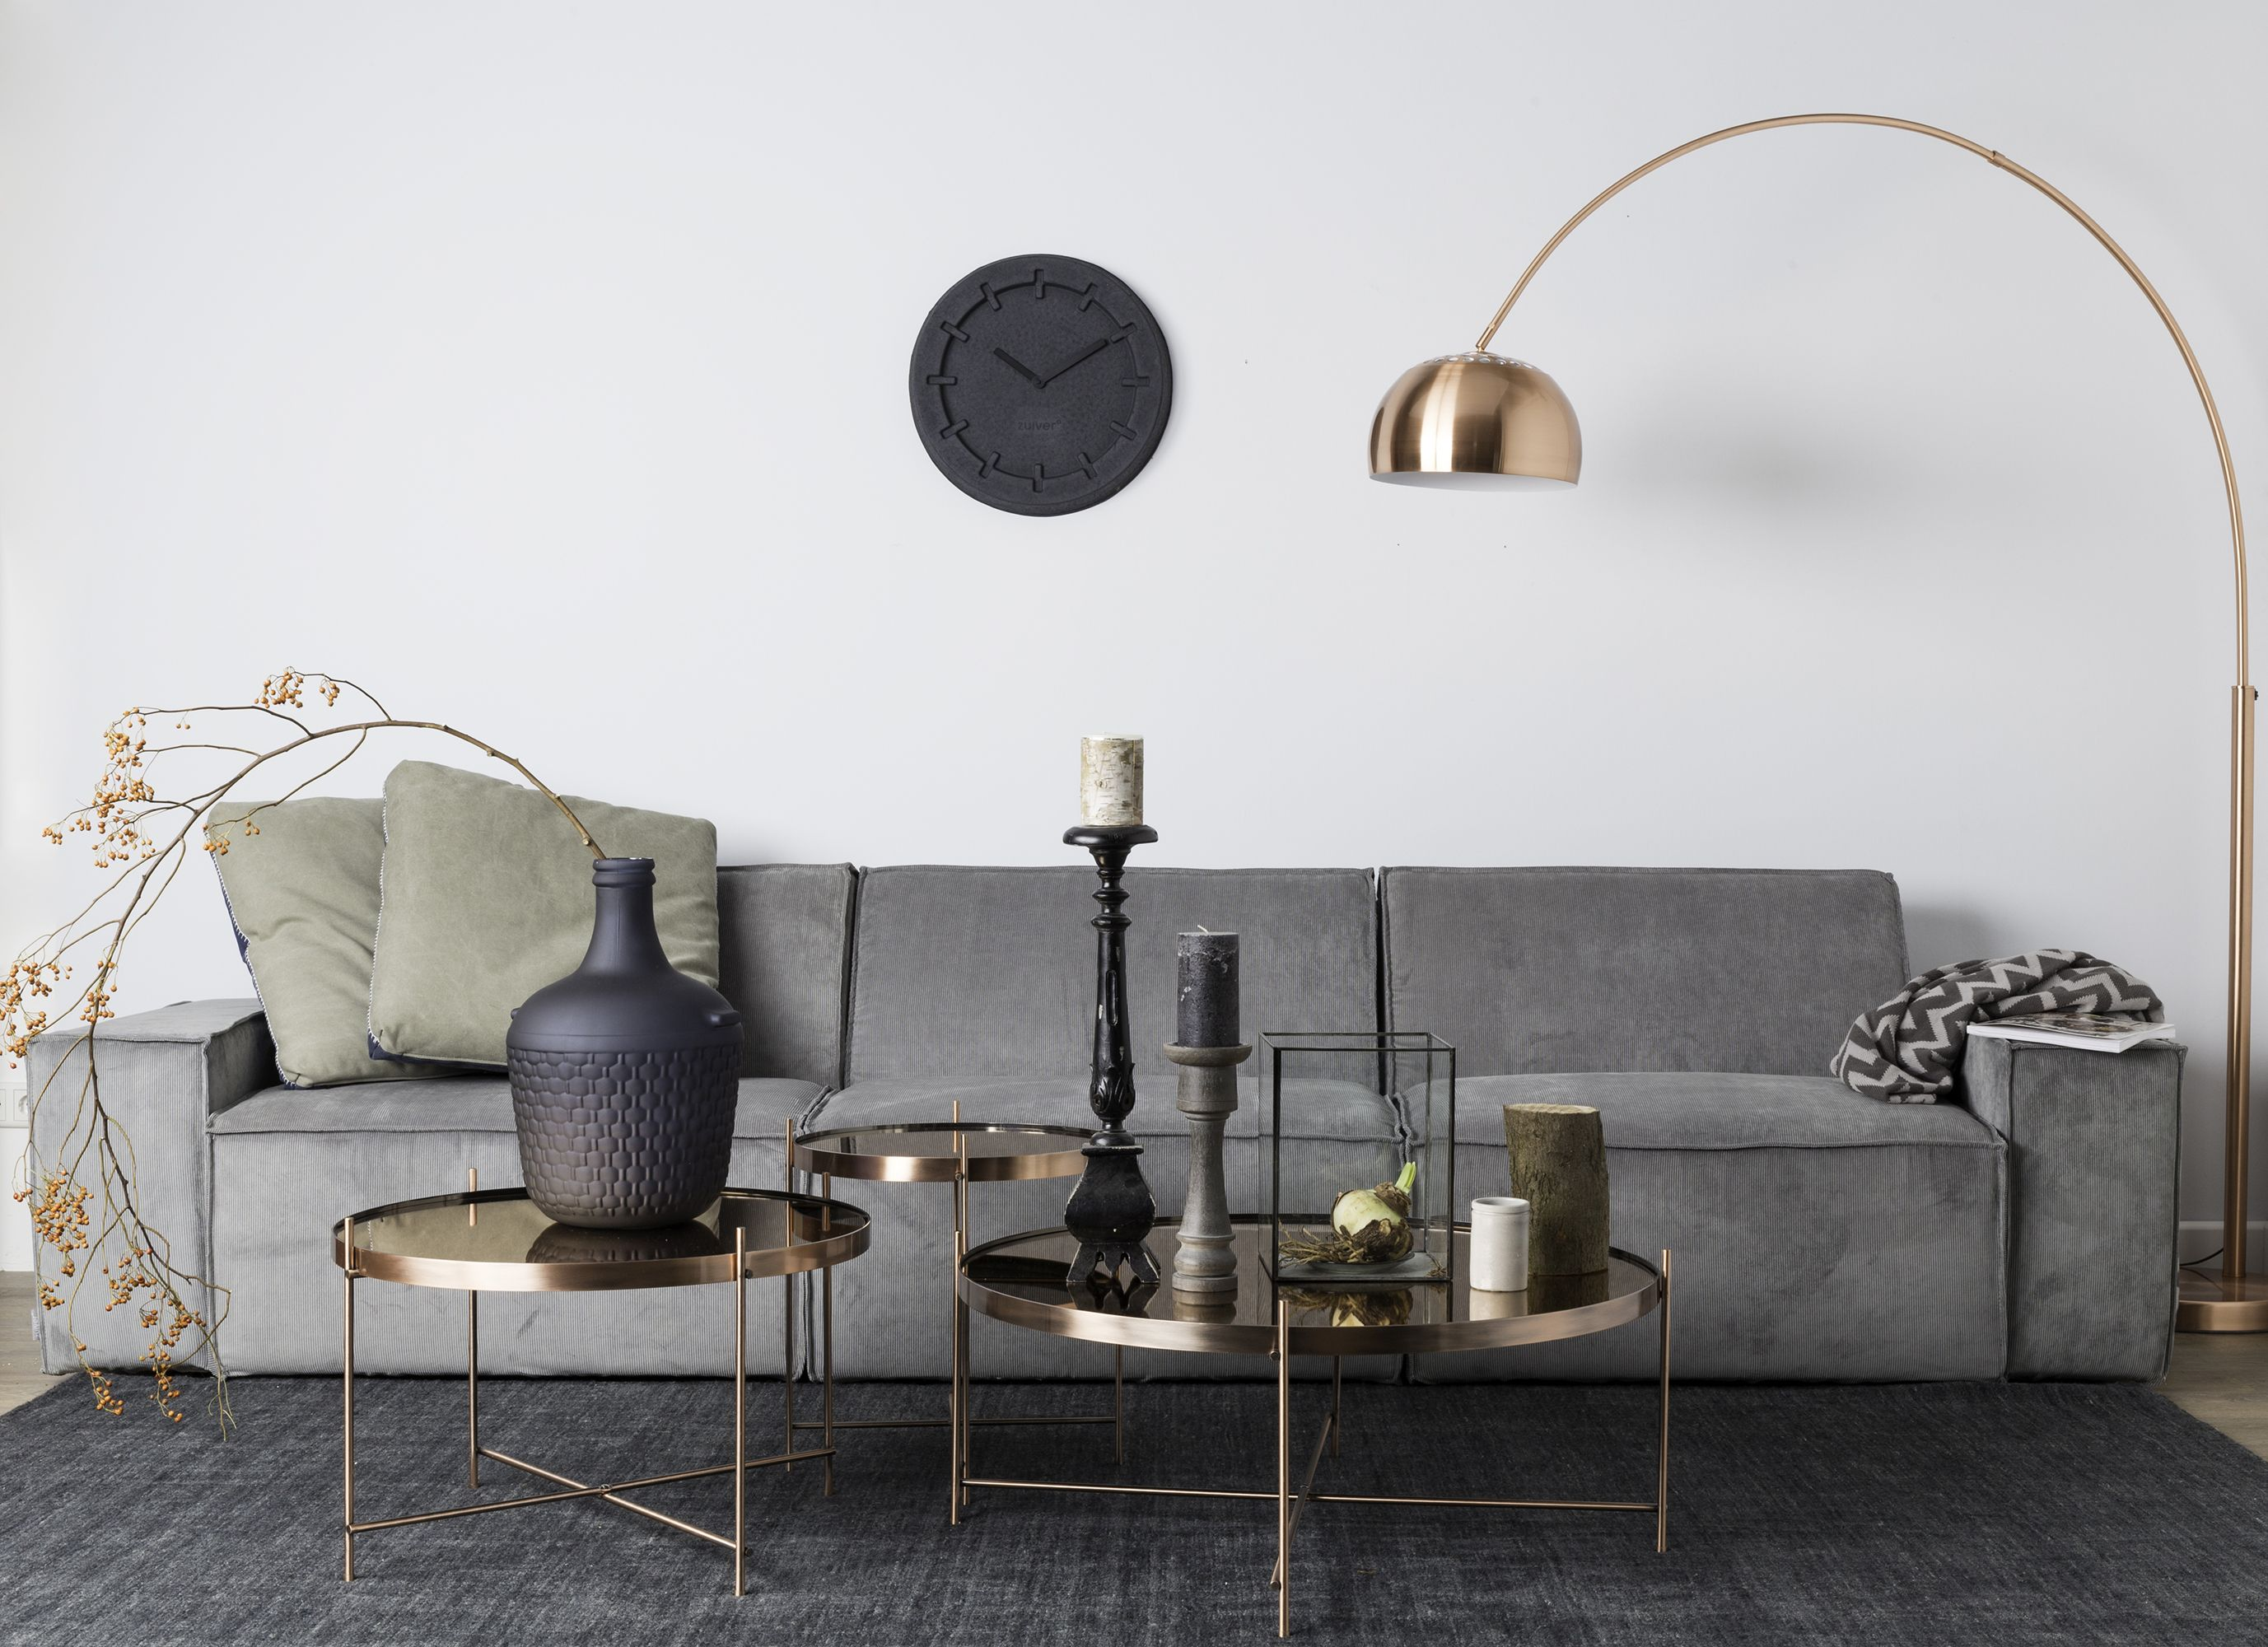 Stehlampe kupfer nordic living wohnzimmer for Dekoration wohnzimmer kupfer